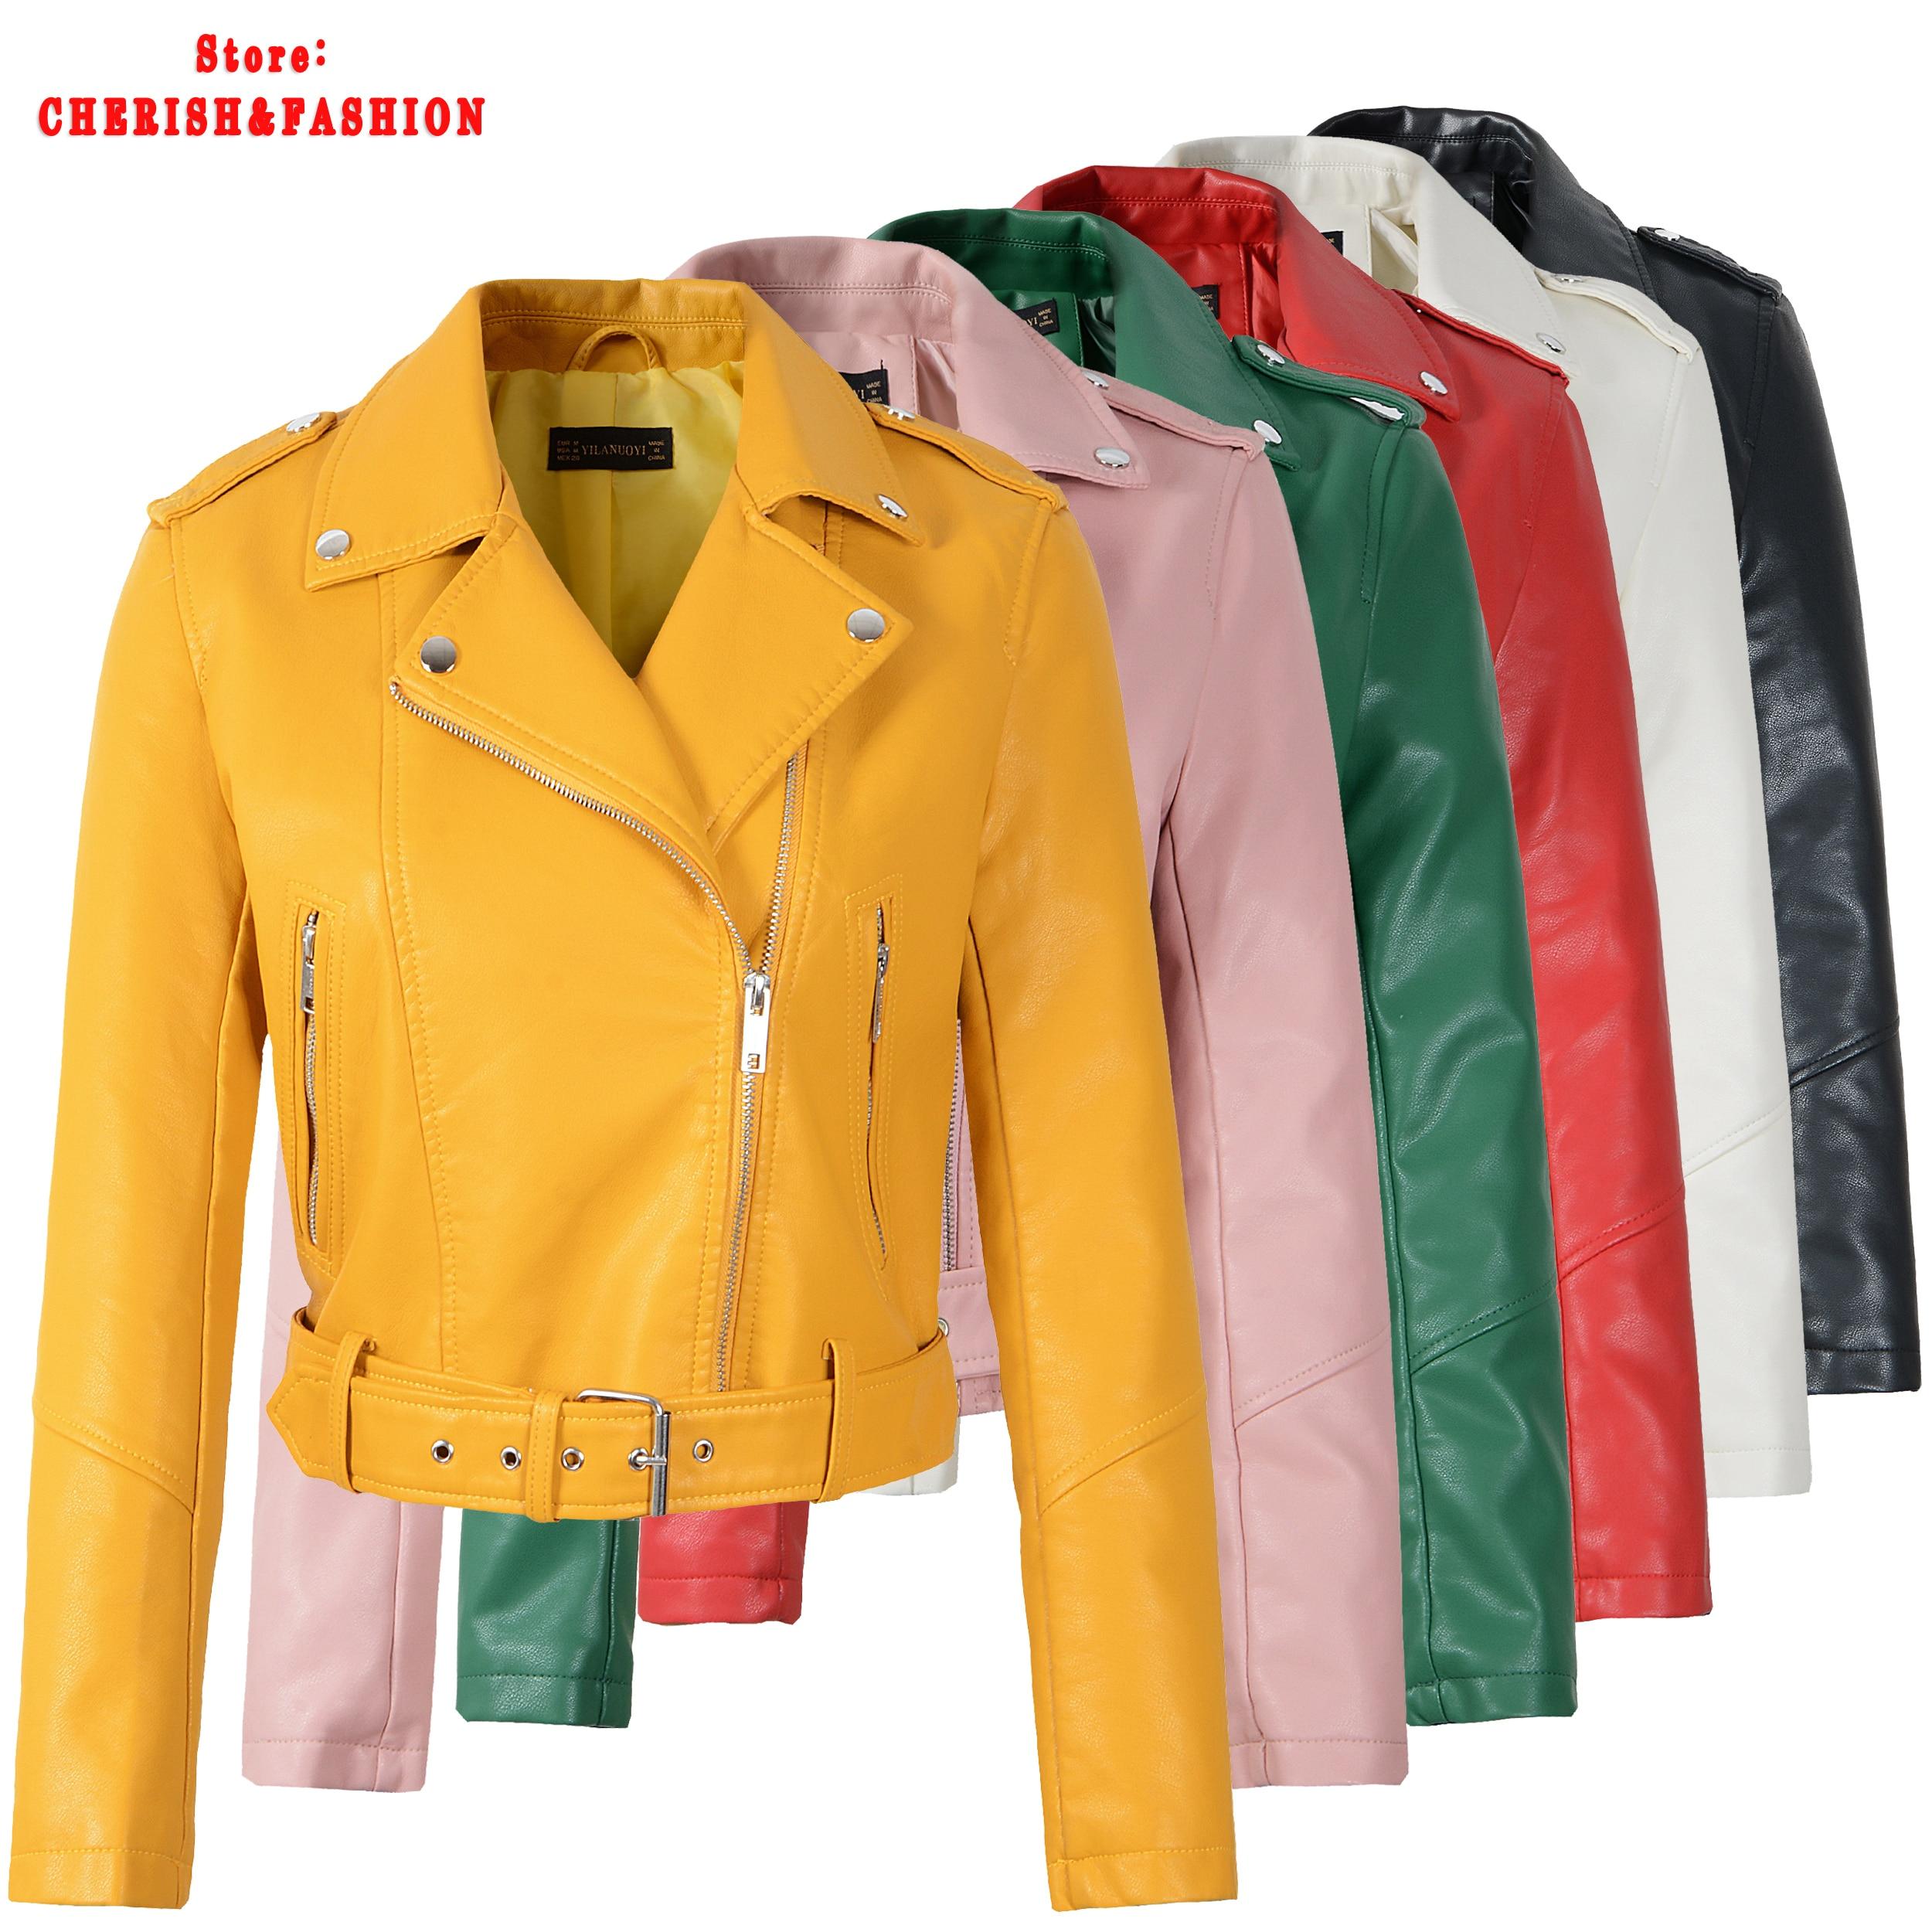 חדש הגעה מותג חורף סתיו ירוק אופנוע מעילי עור צהוב עור מעיל נשים מעיל עור slim PU מעיל עור